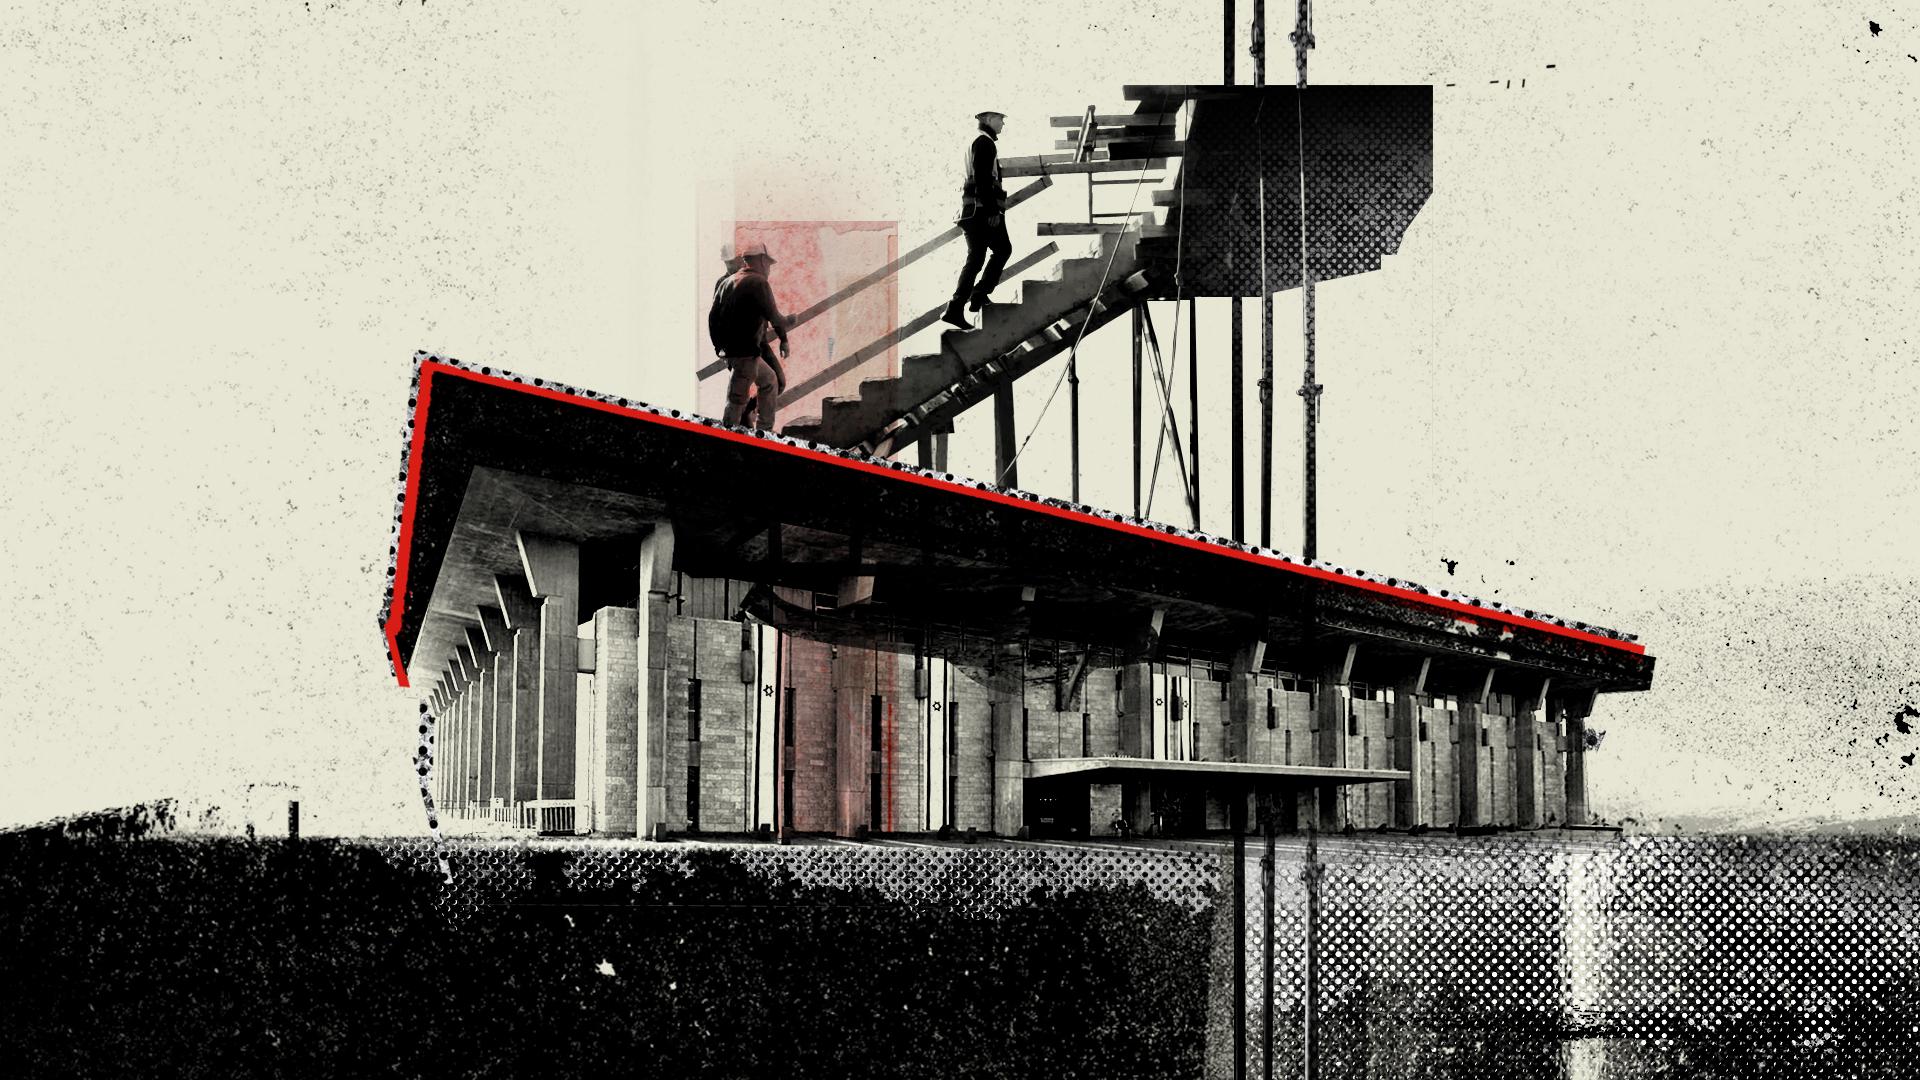 האזרח גואטה. עיצוב: אריק וייס